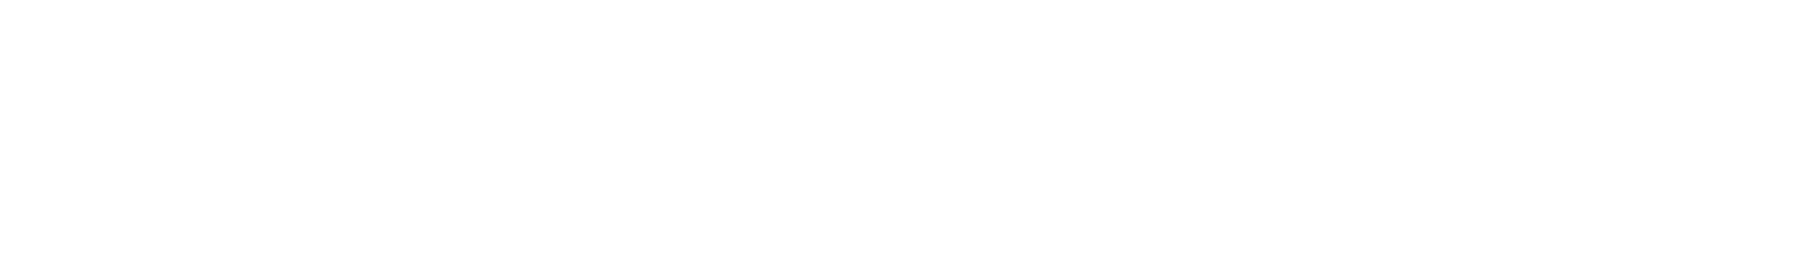 veh2 synths   077 c